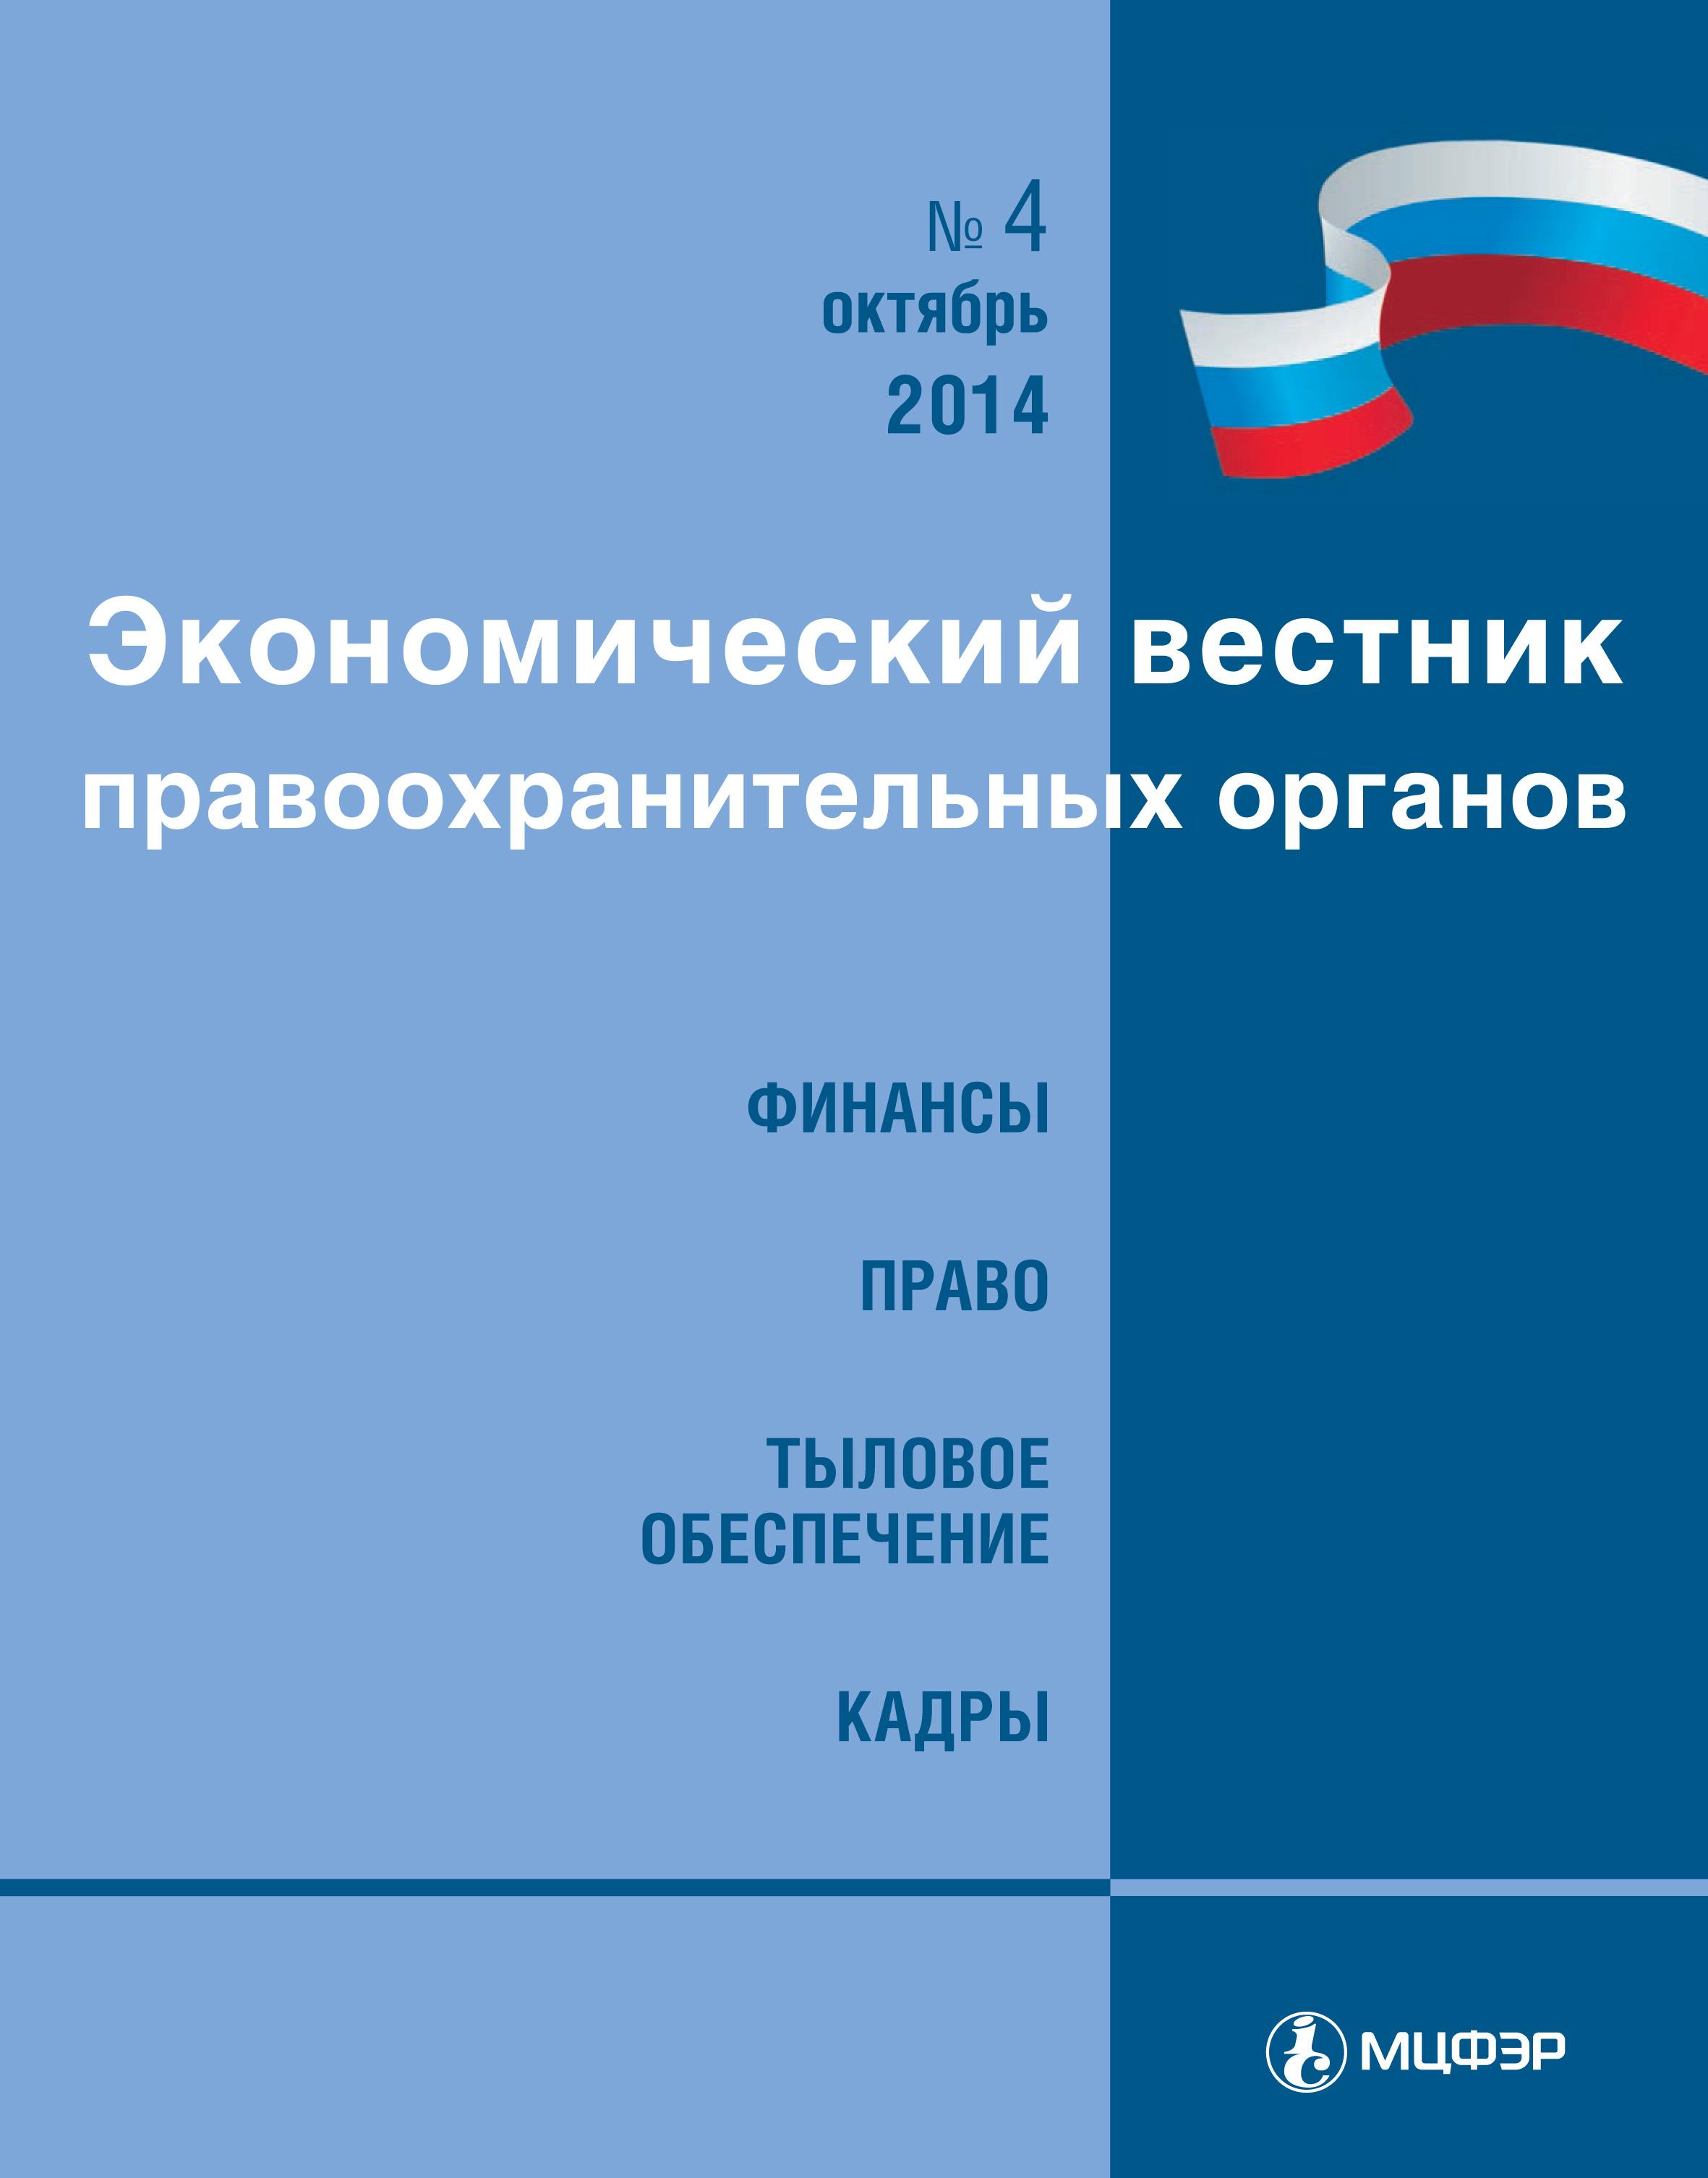 Экономический вестник правоохранительных органов №04/2014